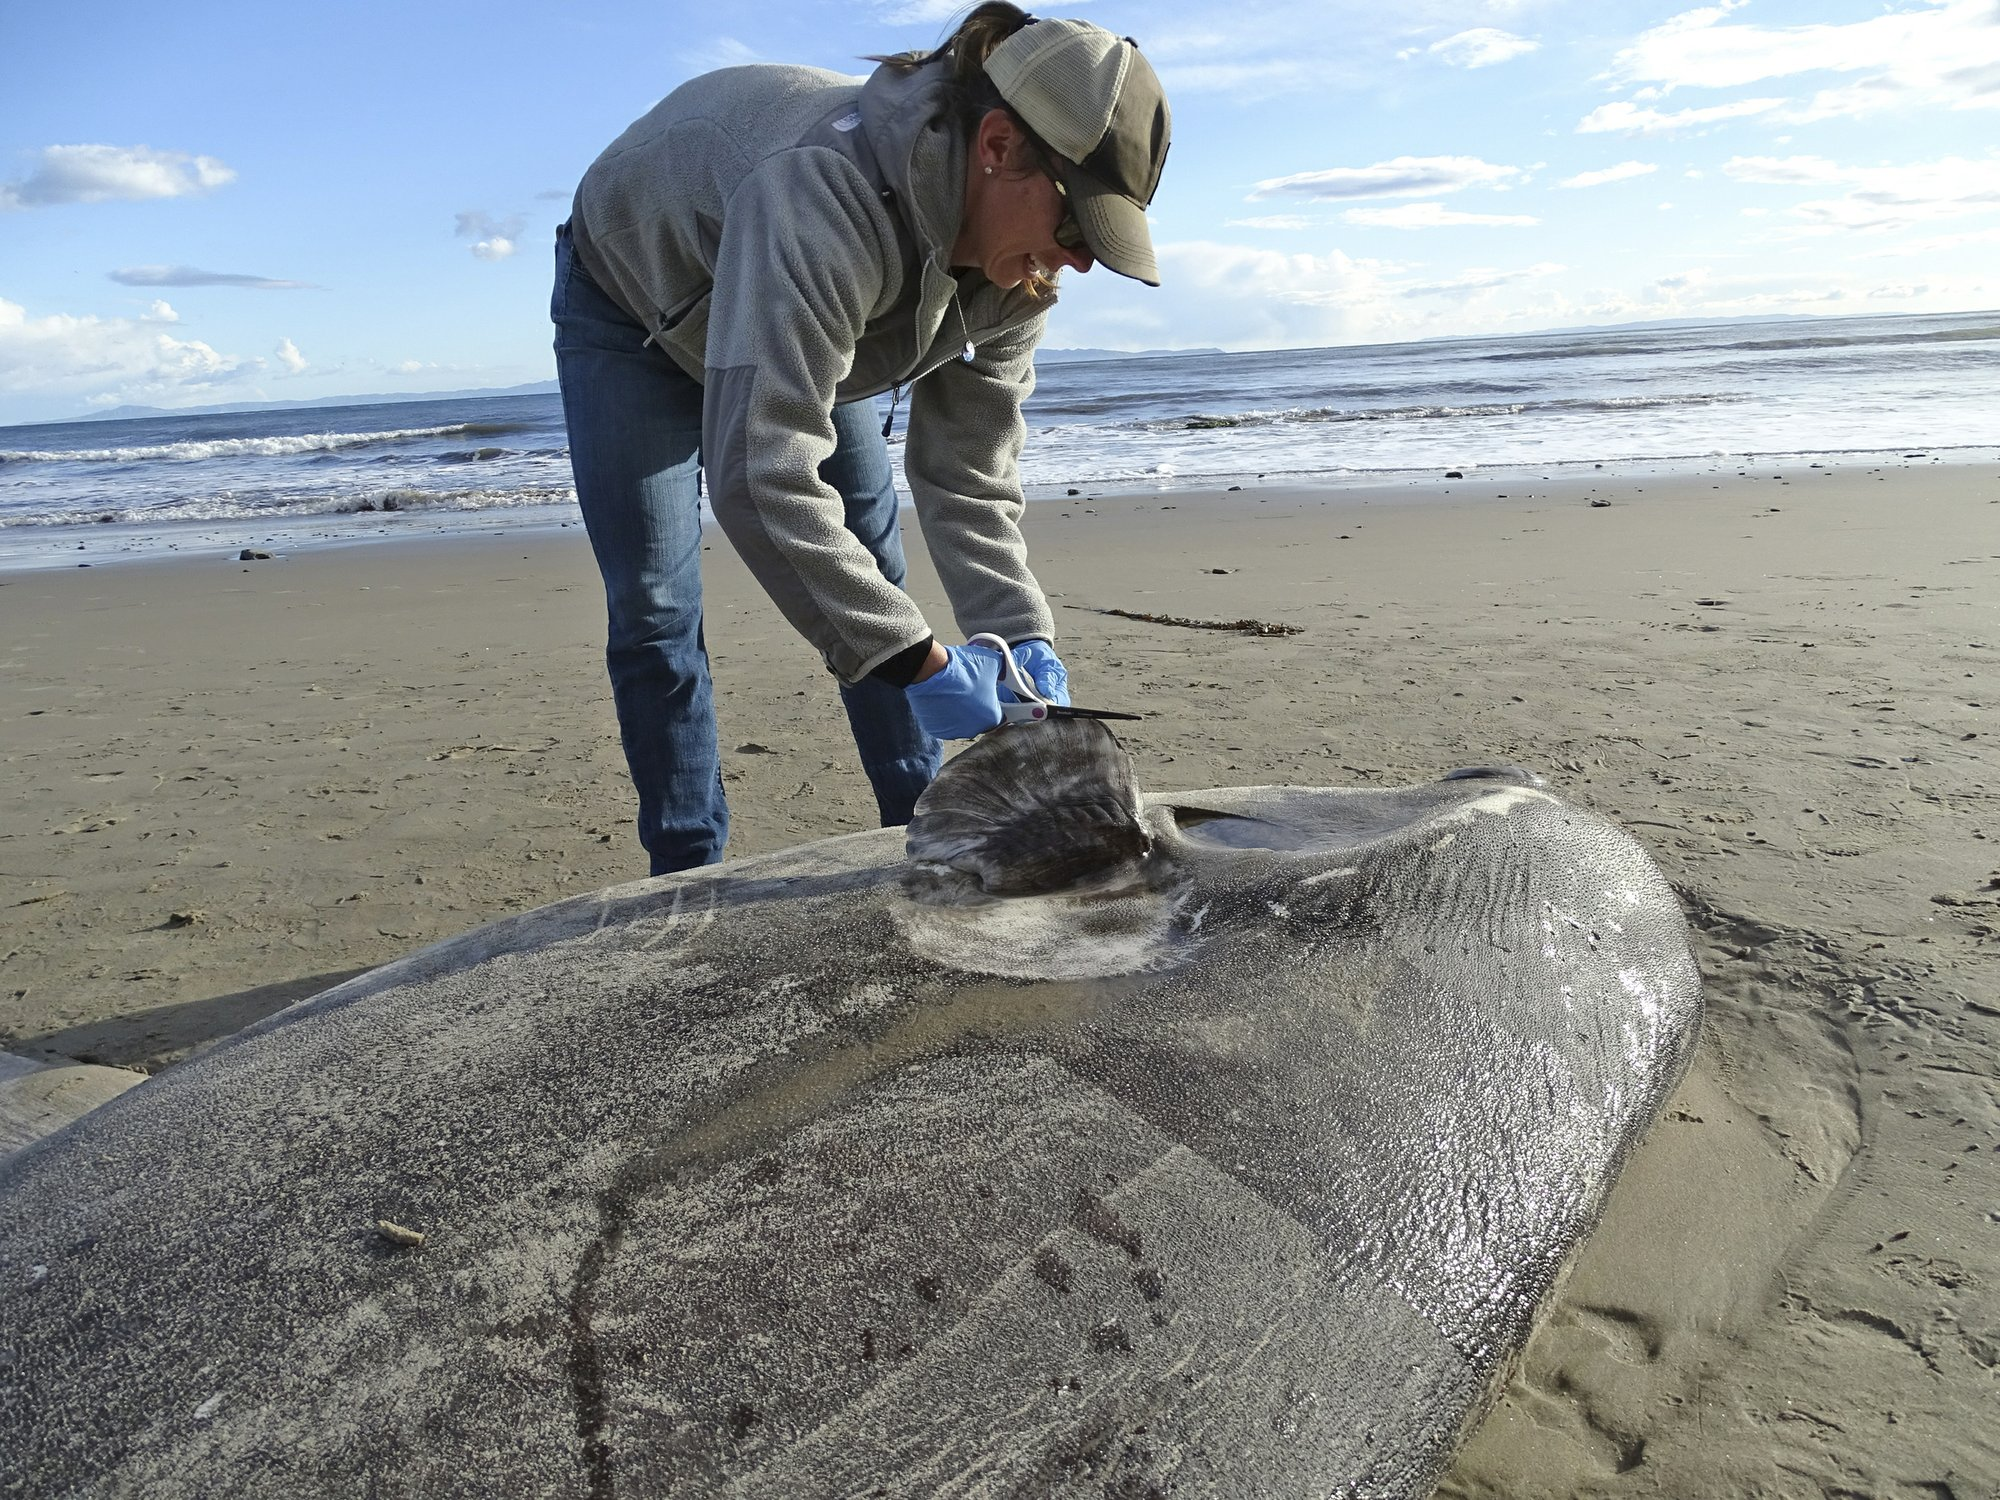 Rare sea creature washes ashore in Southern California